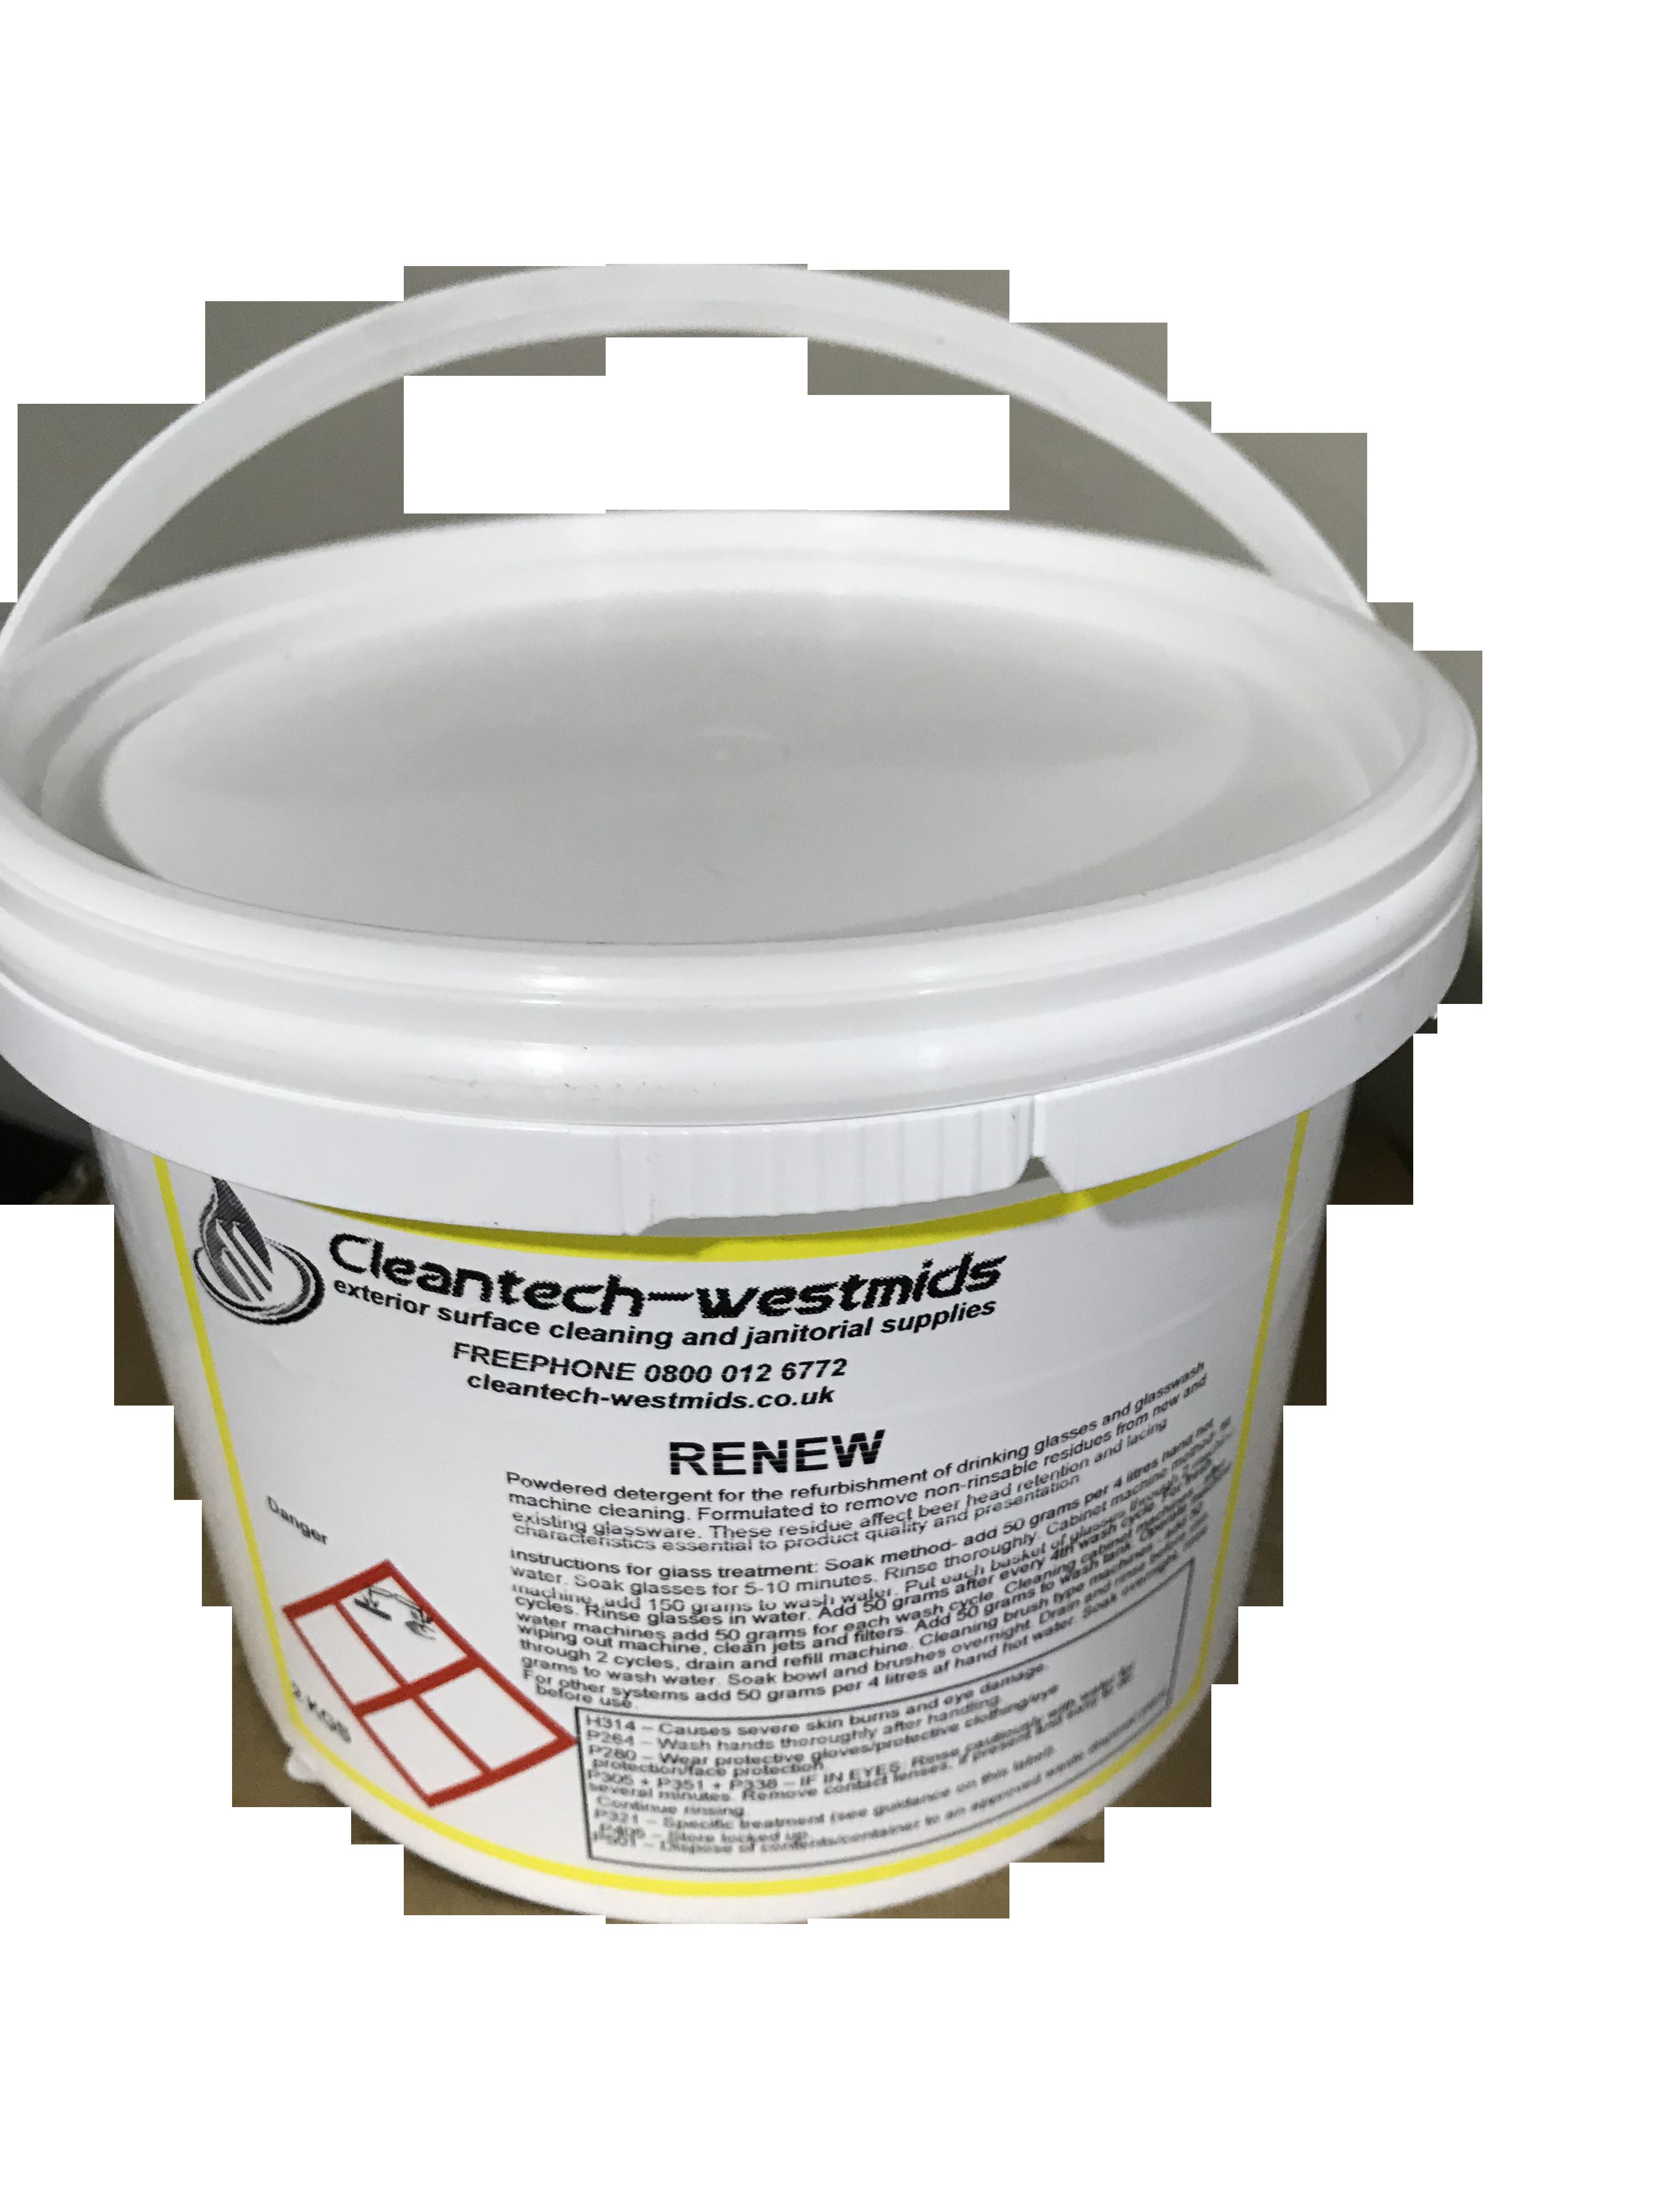 Glass Renew Powder 2kg Cleantech Westmids